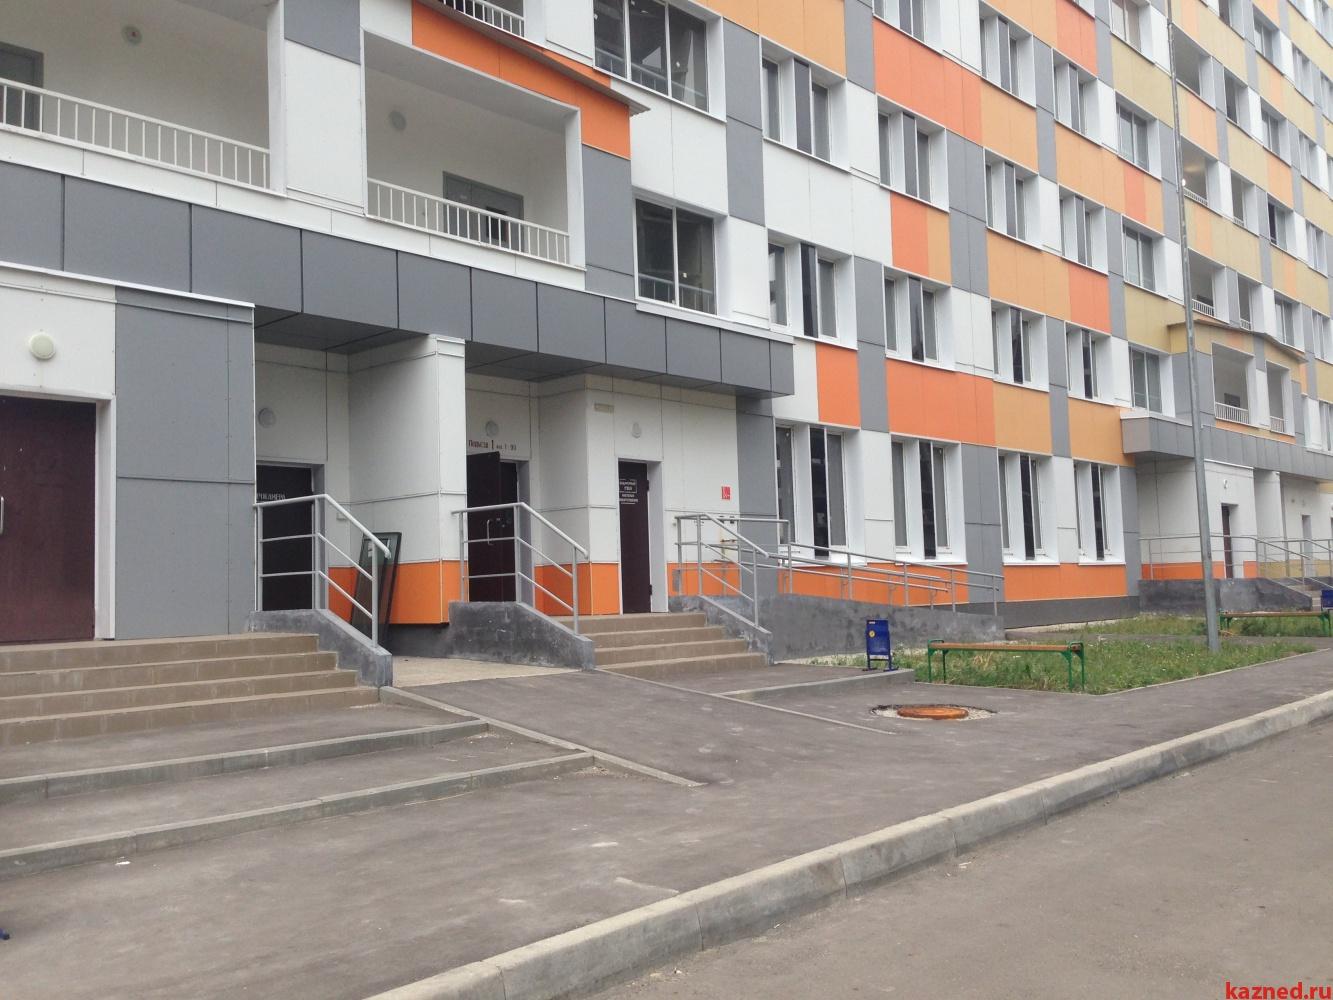 Продажа 1-к квартиры Павлюхина, 112, 45 м²  (миниатюра №12)